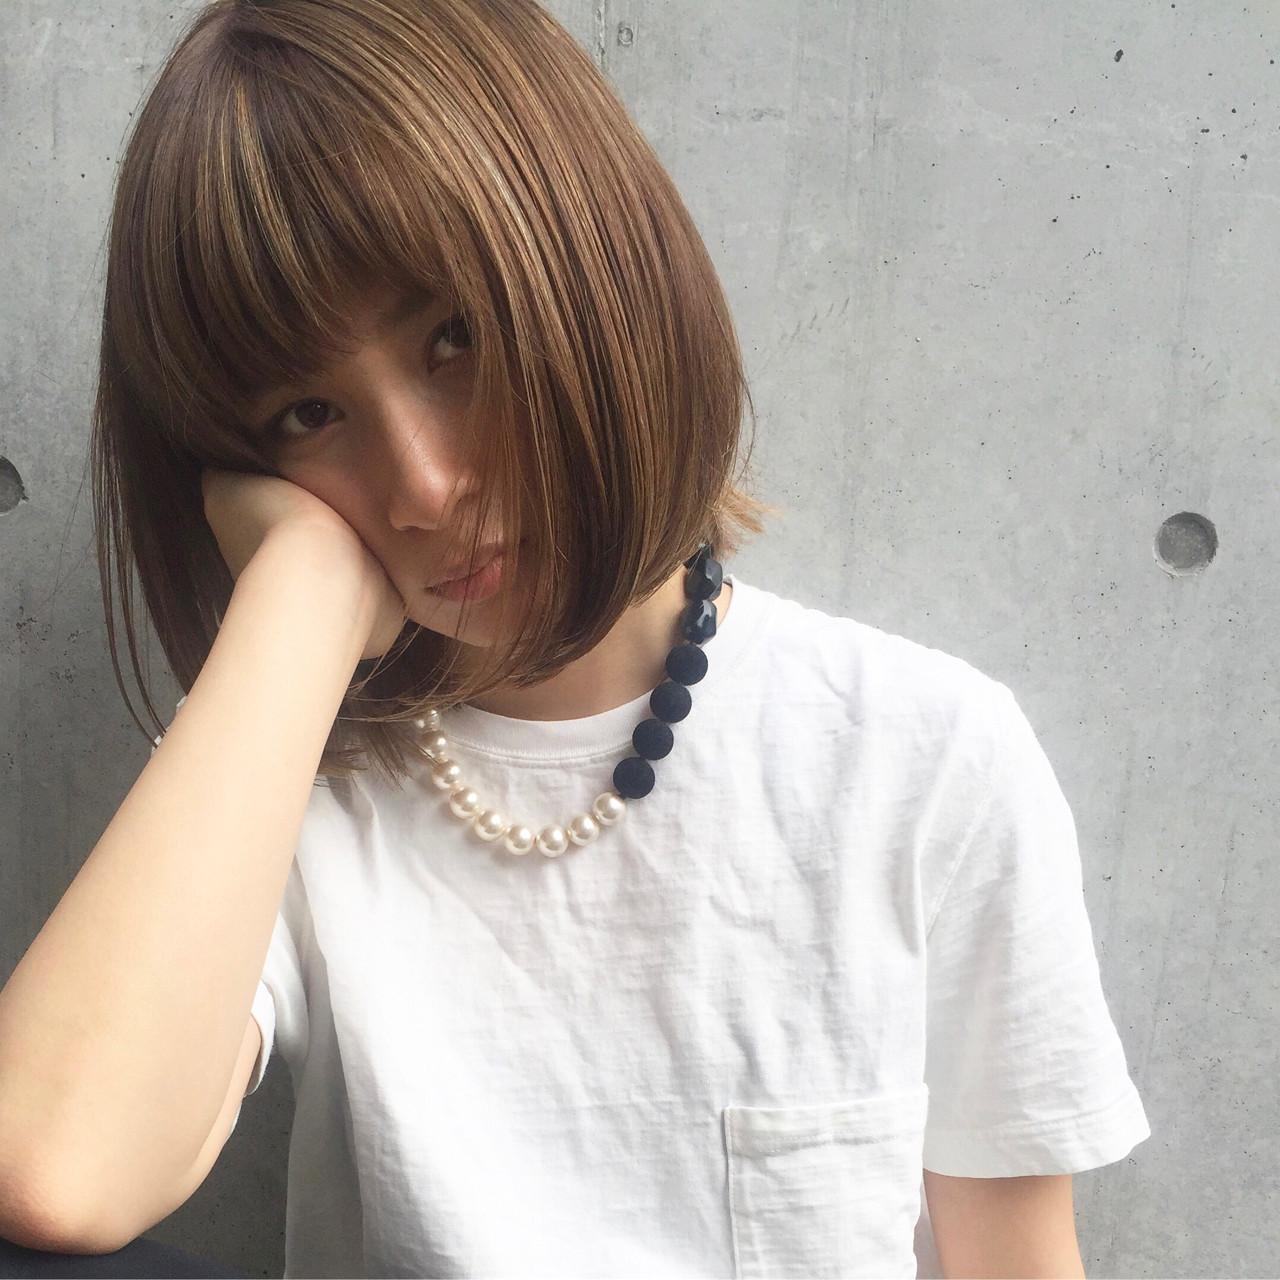 大人が華やぐボブヘア♪30代におすすめのヘアカタログ集 bibito TSUJII&NAGAI